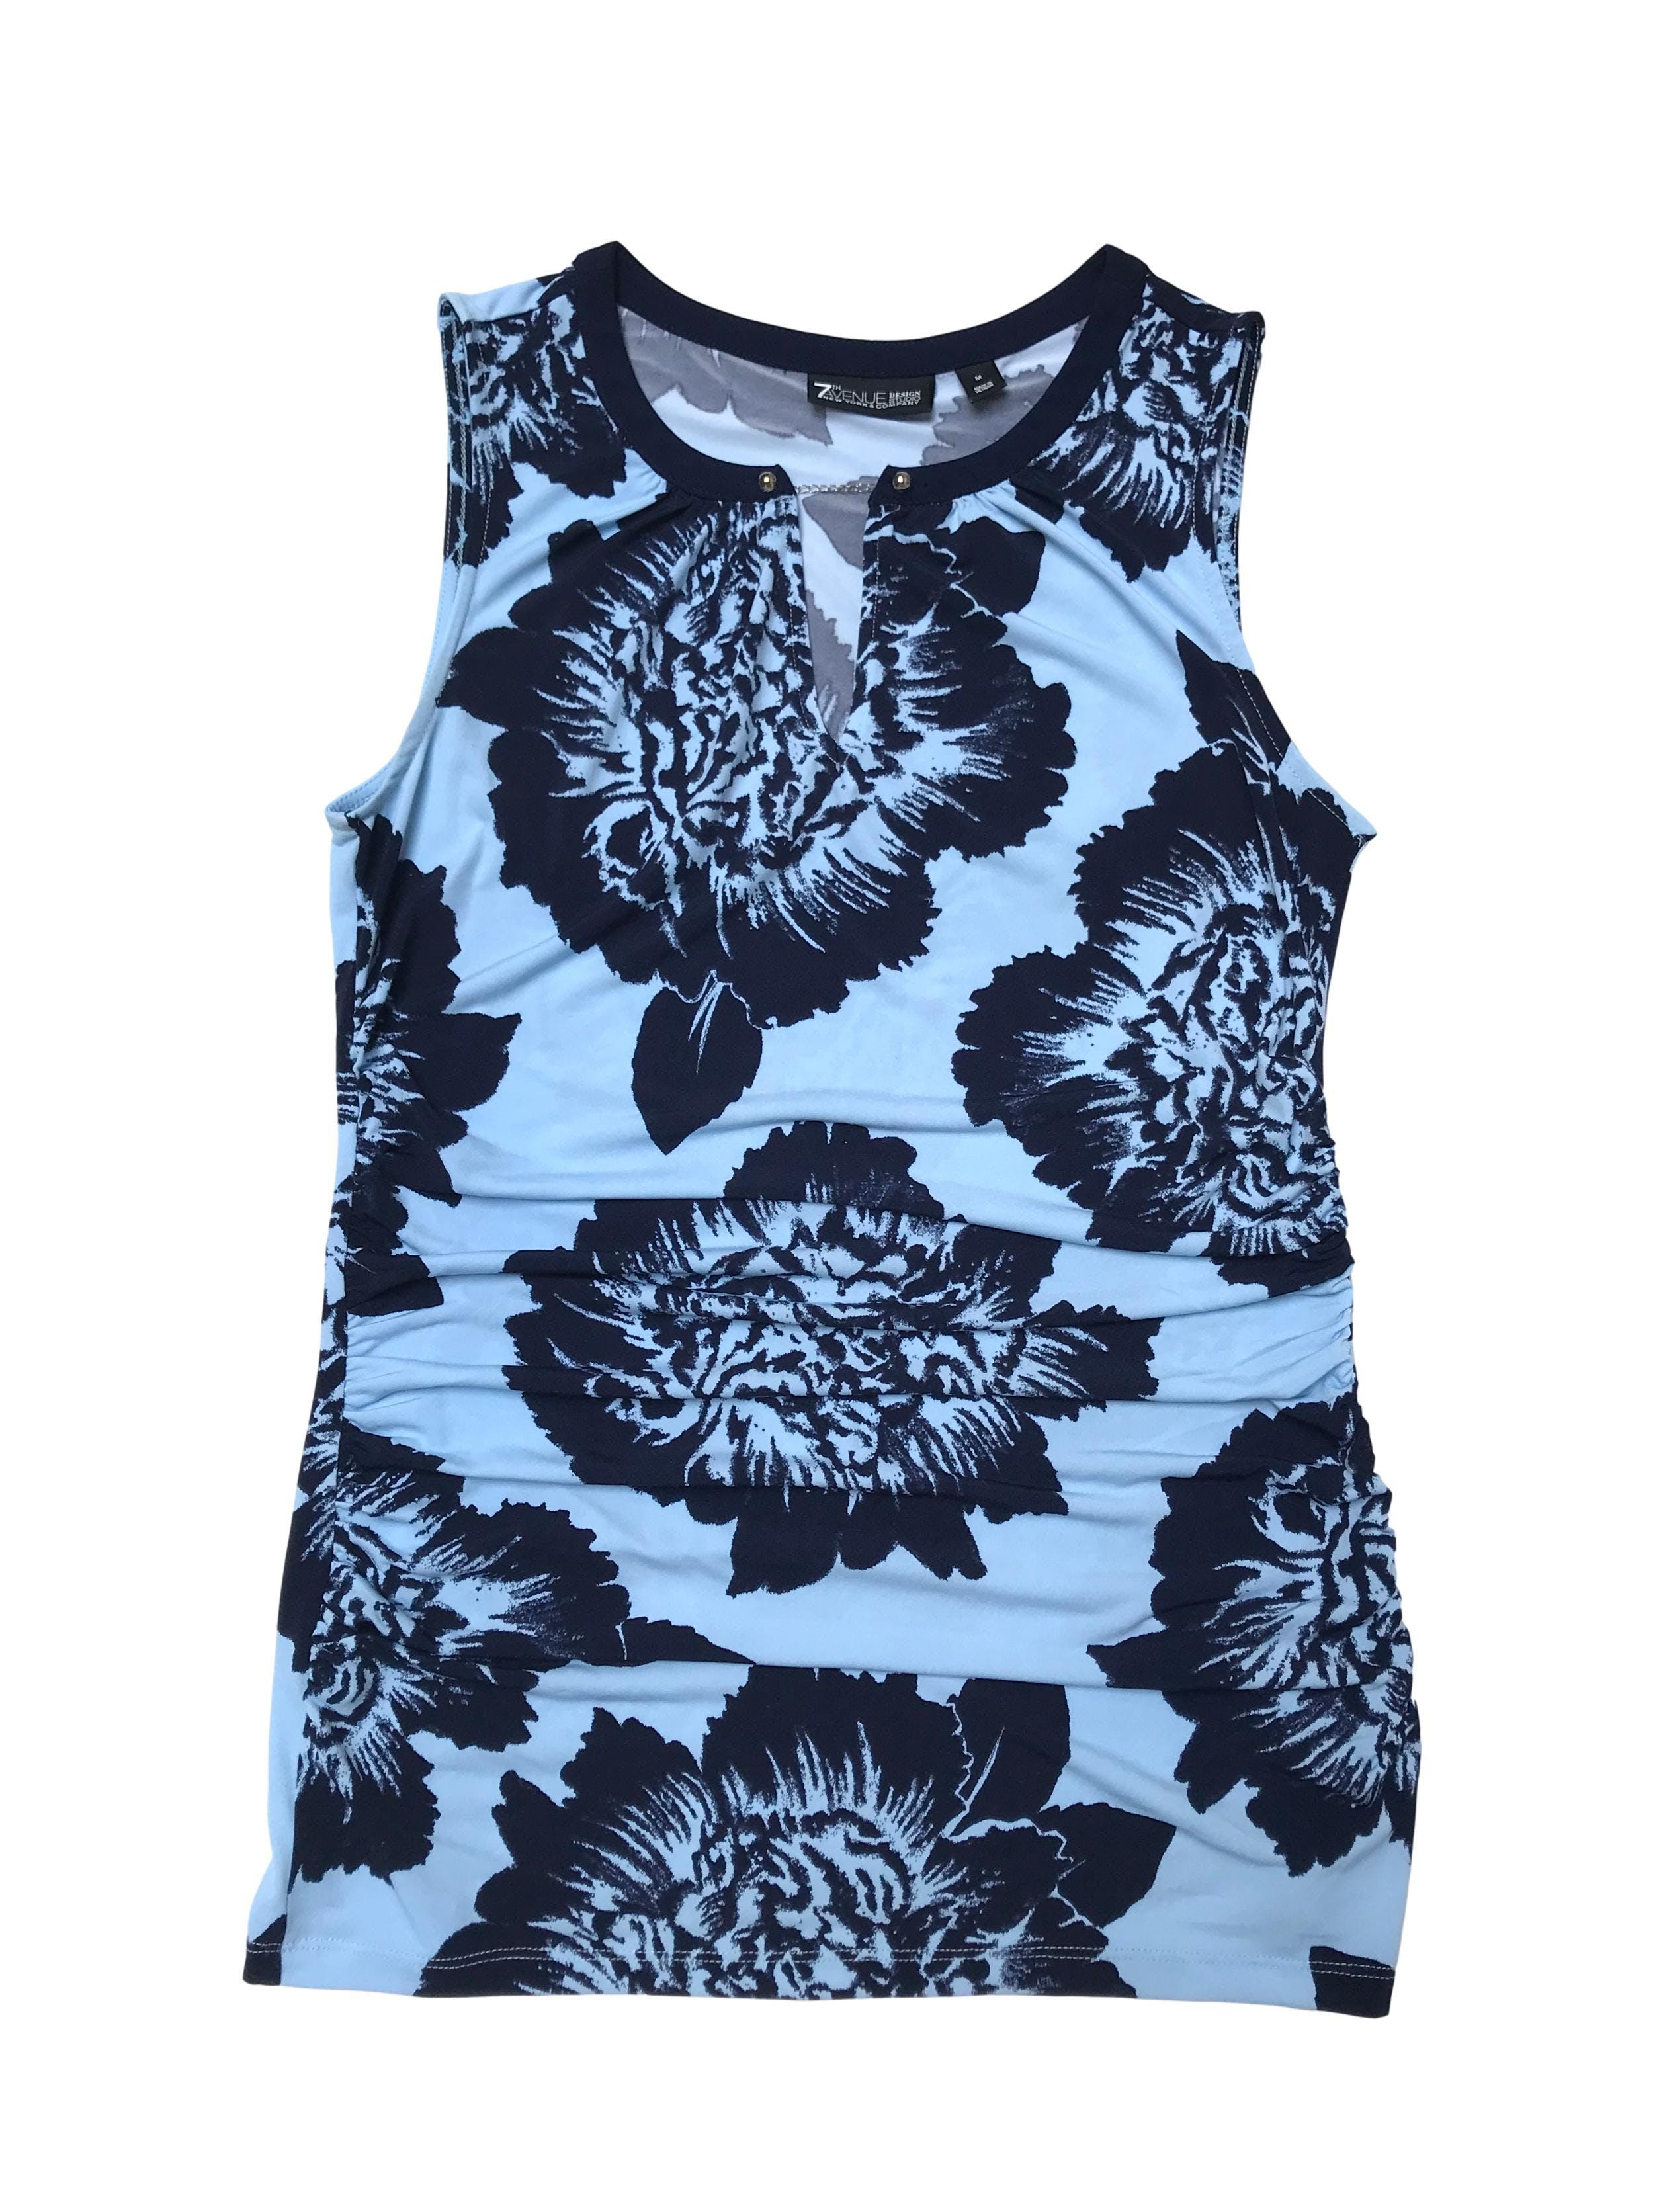 Polo 7th Avenue Studio, tela stretch celeste con print de flores azules, cadenita plateada en el cuello y drapeados laterales